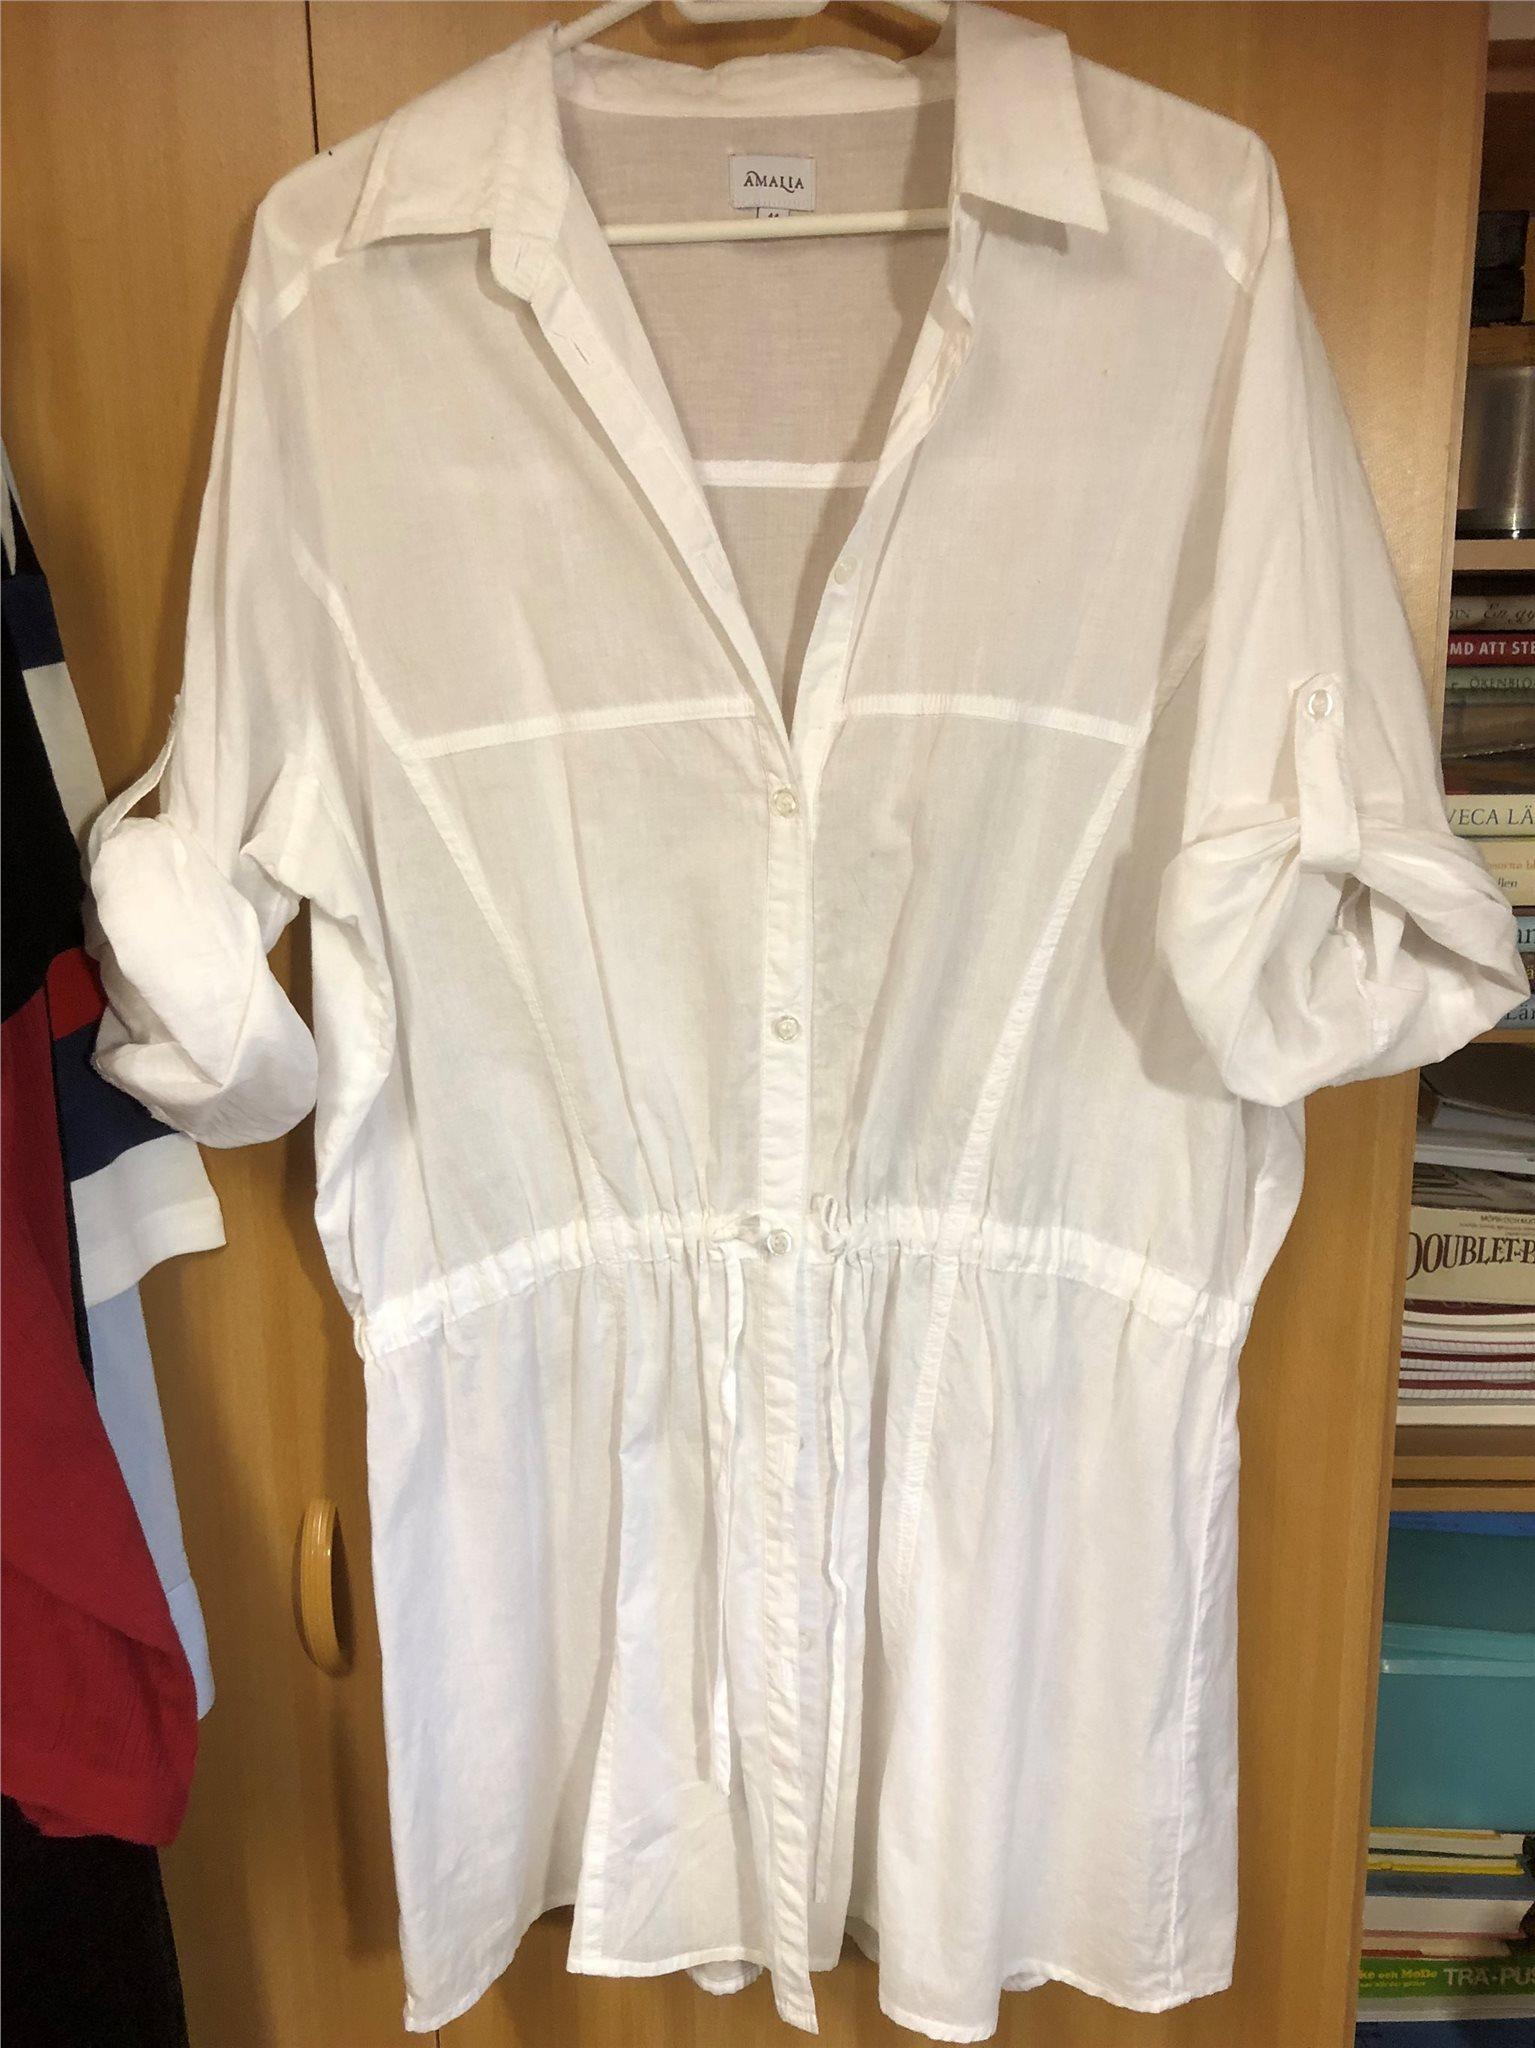 Vit Amalia skjorta stl 44 (323637793) ᐈ Köp på Tradera 7769677800bca